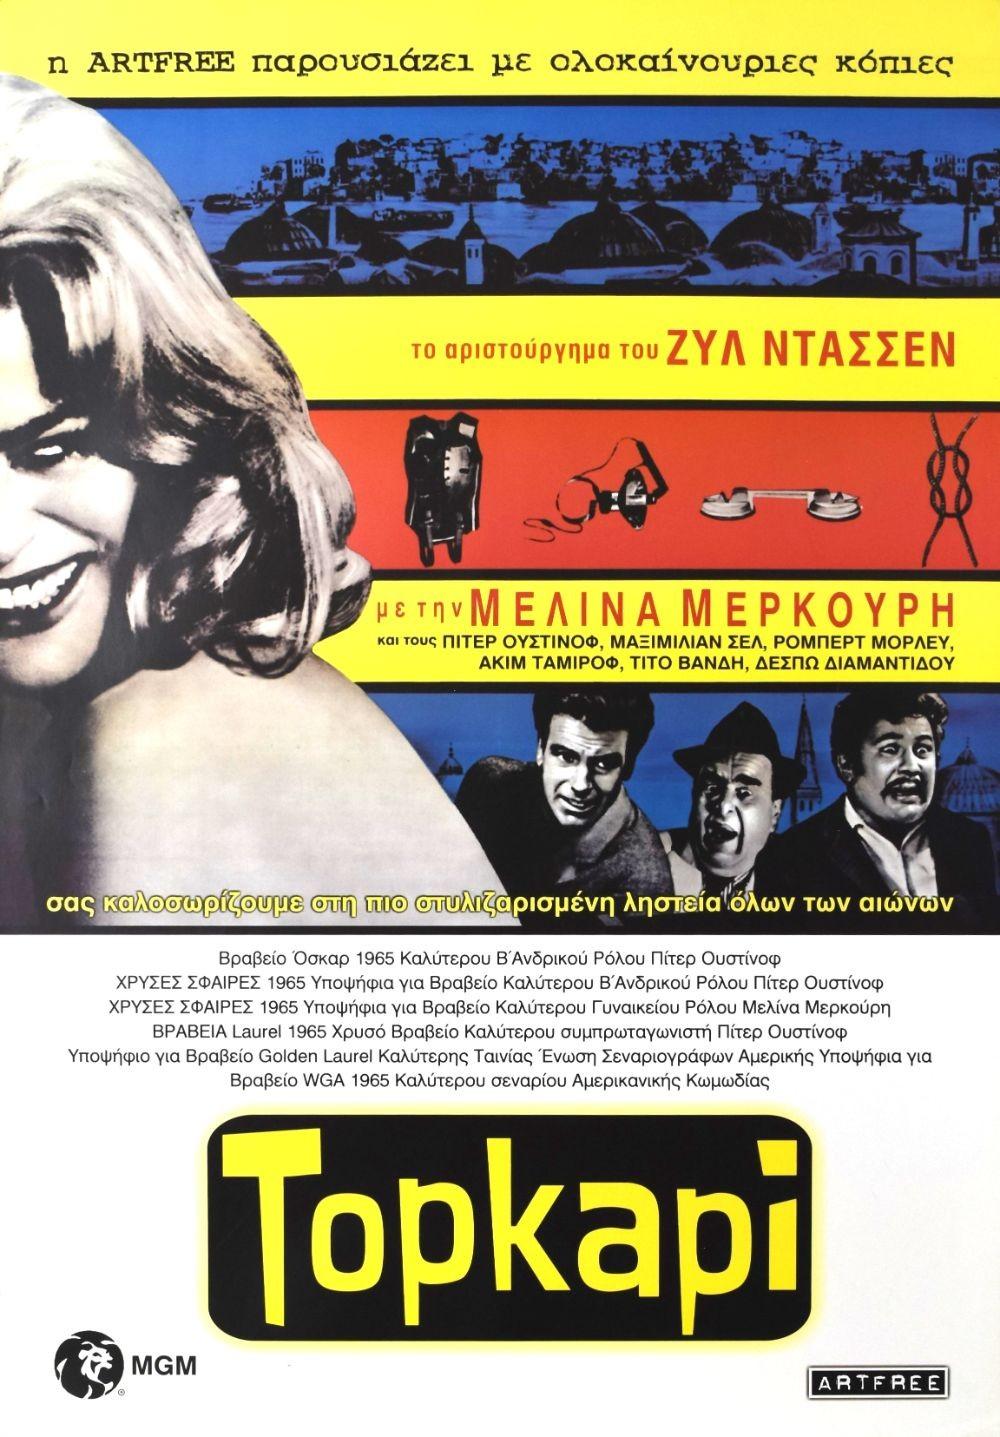 Topkapi original movie poster